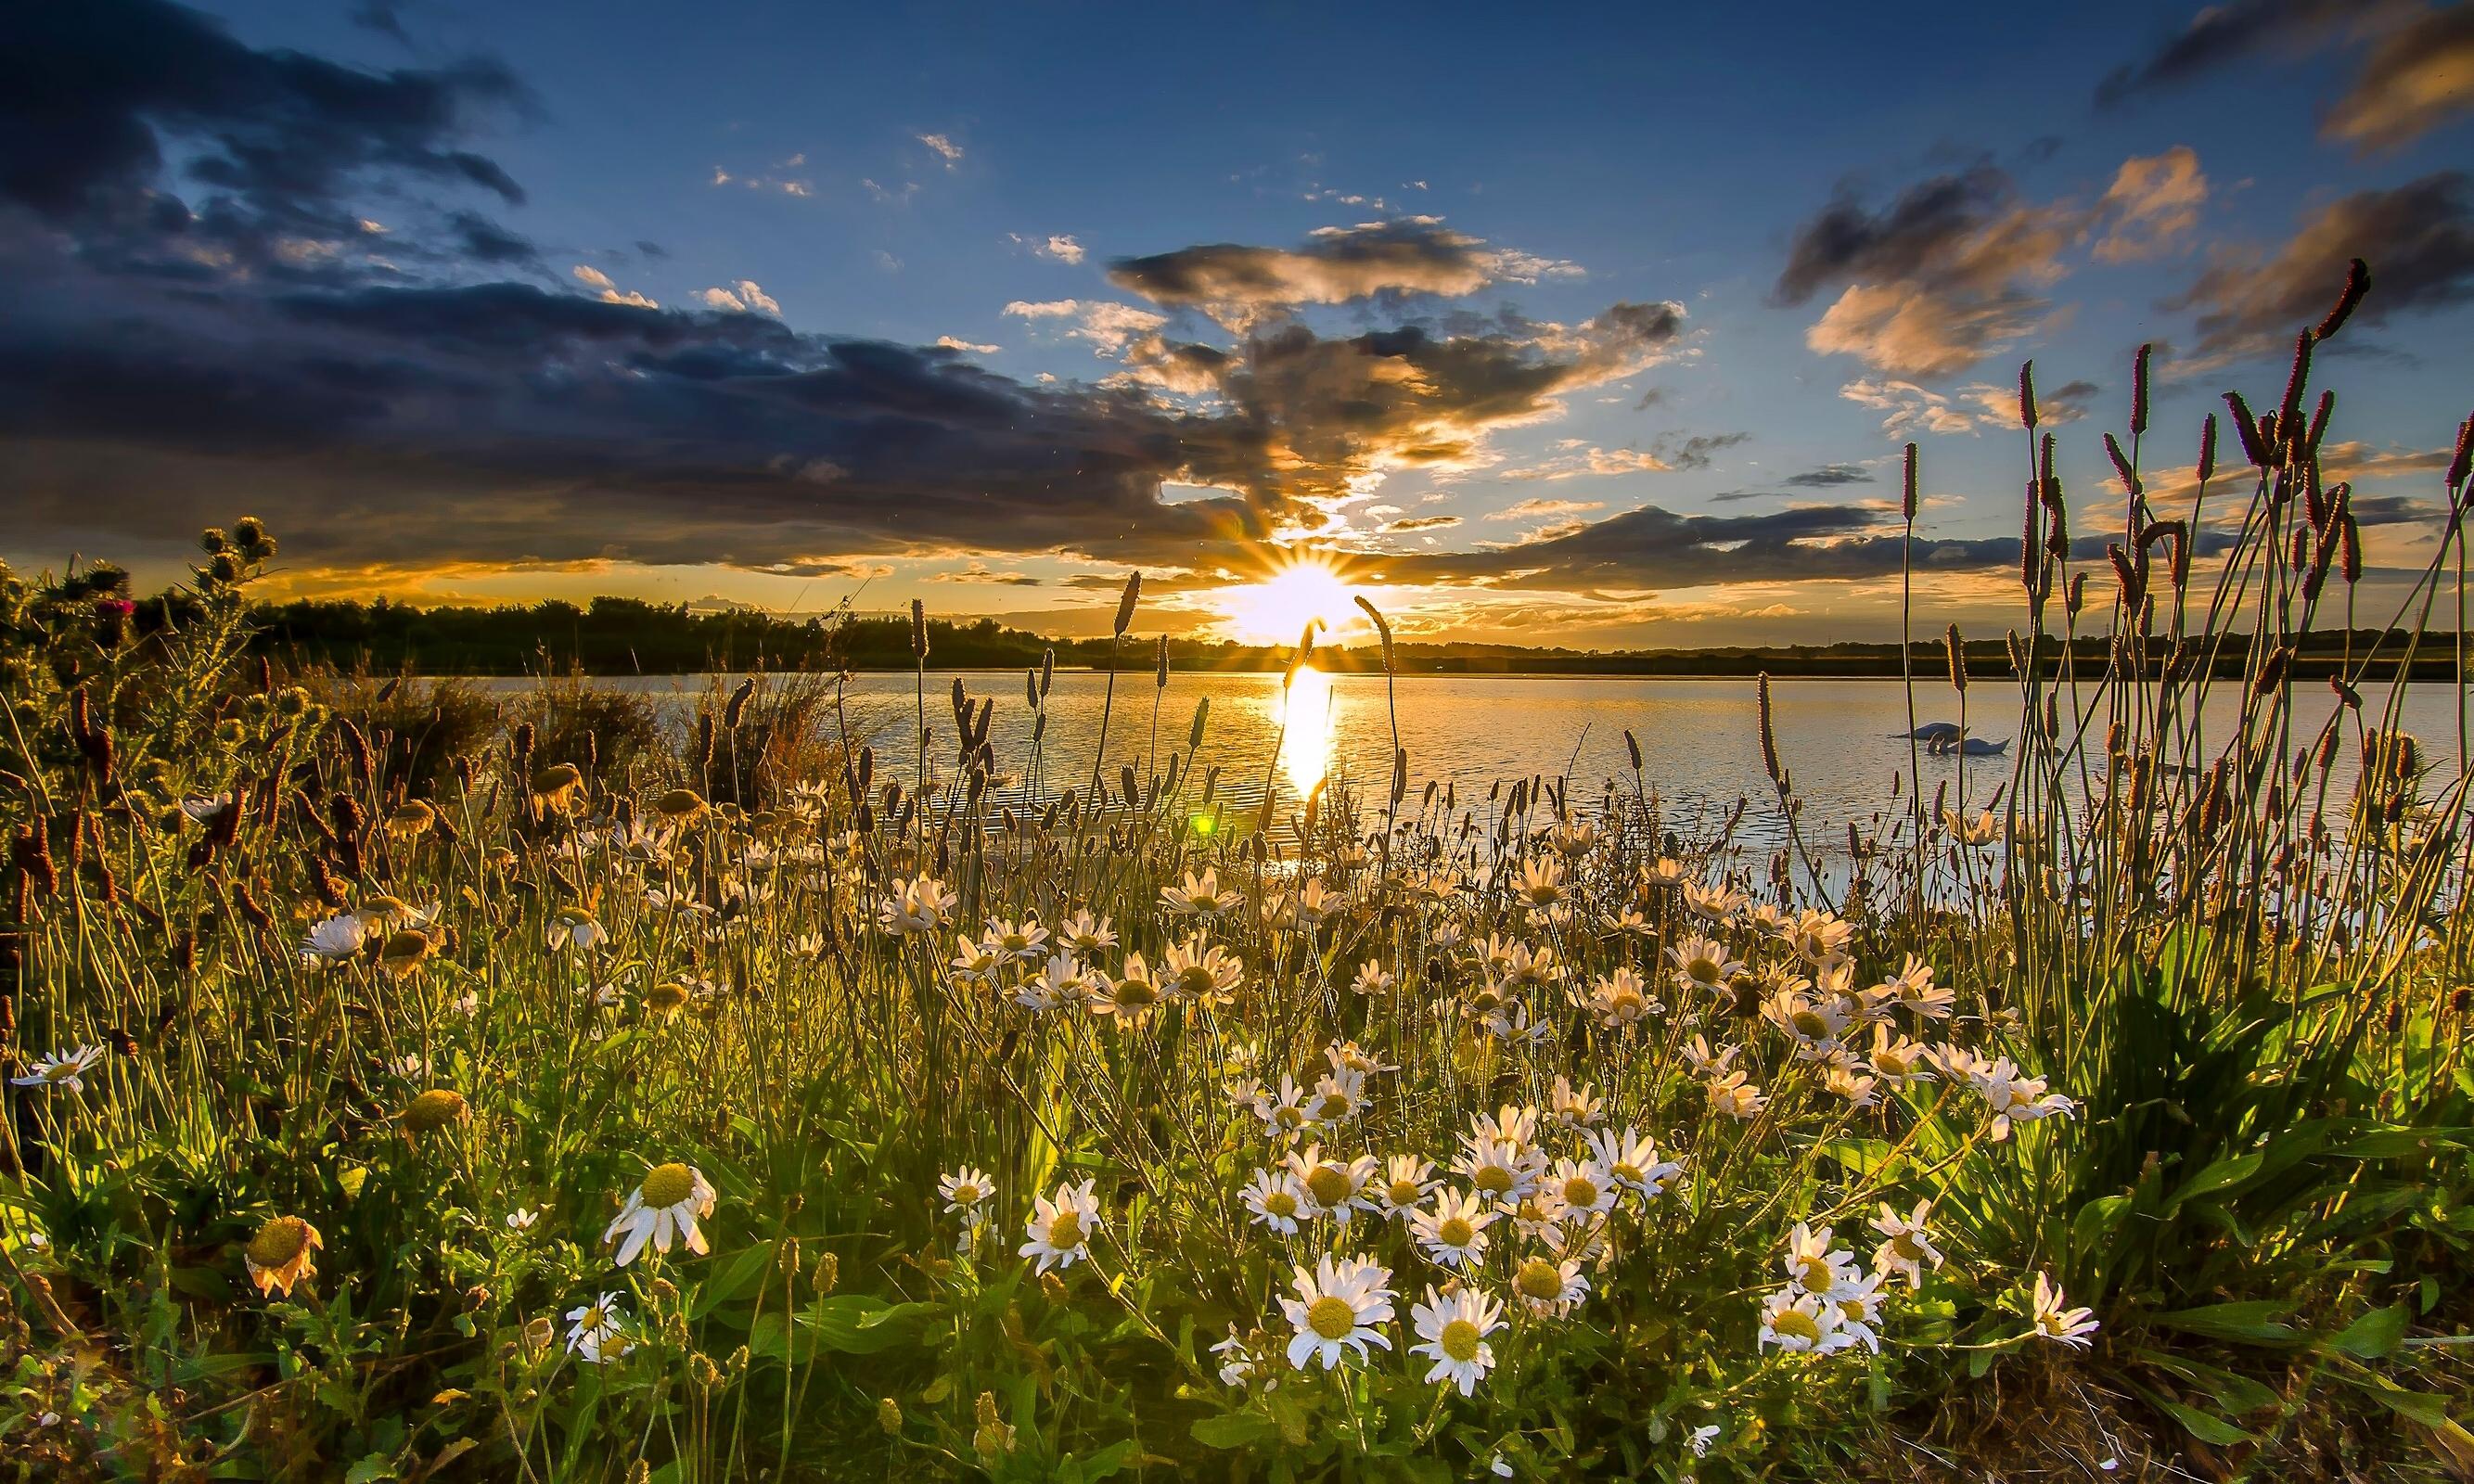 закат трава цветы озеро  № 1025233 загрузить